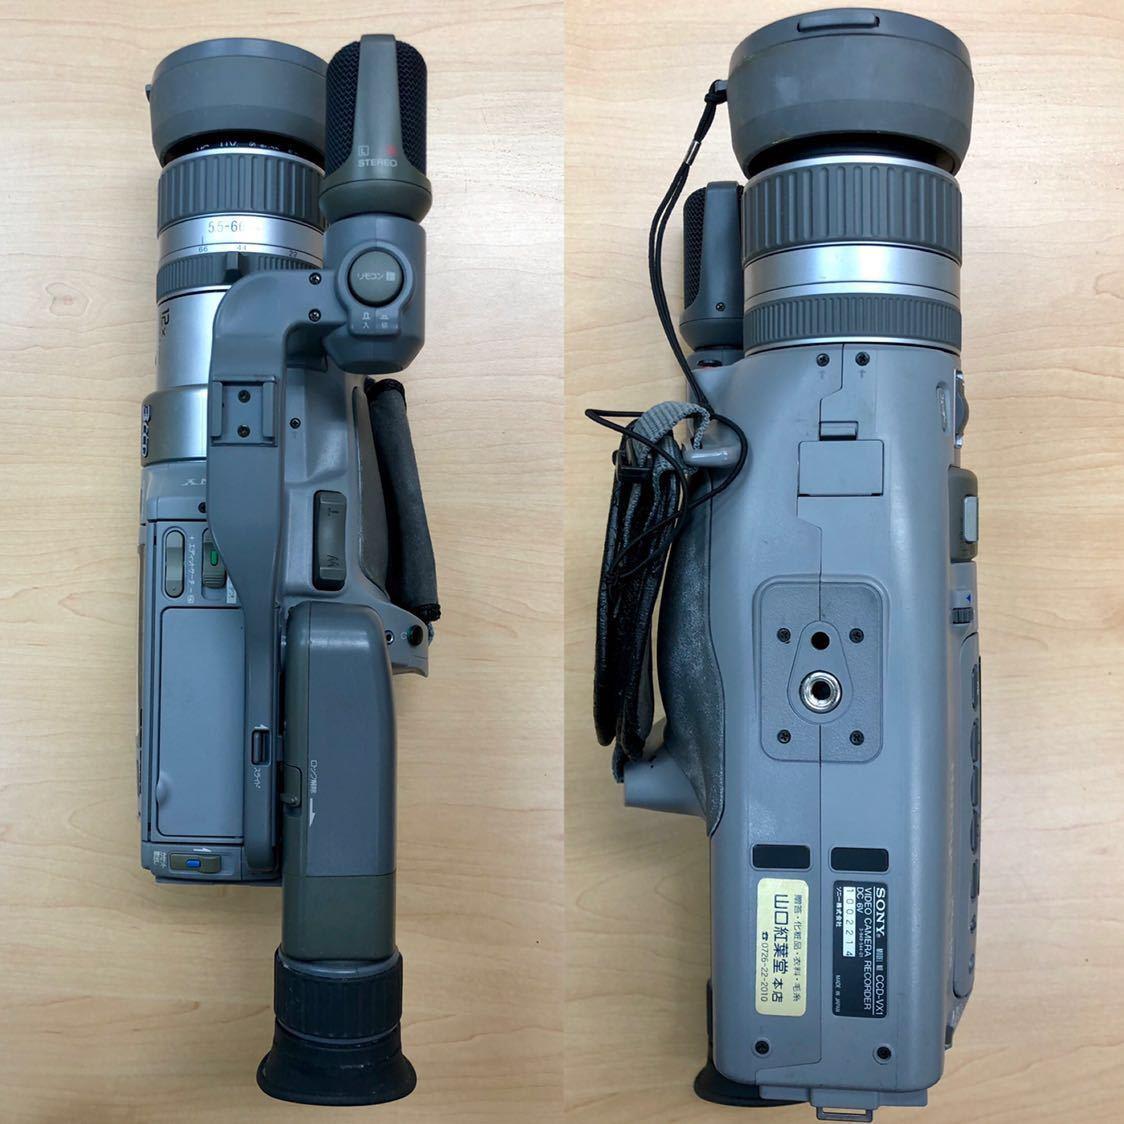 ジャンク品 SONY ソニー video Hi8 Handycam 2点おまとめ / CCD-VX1・CCD-V700_画像5